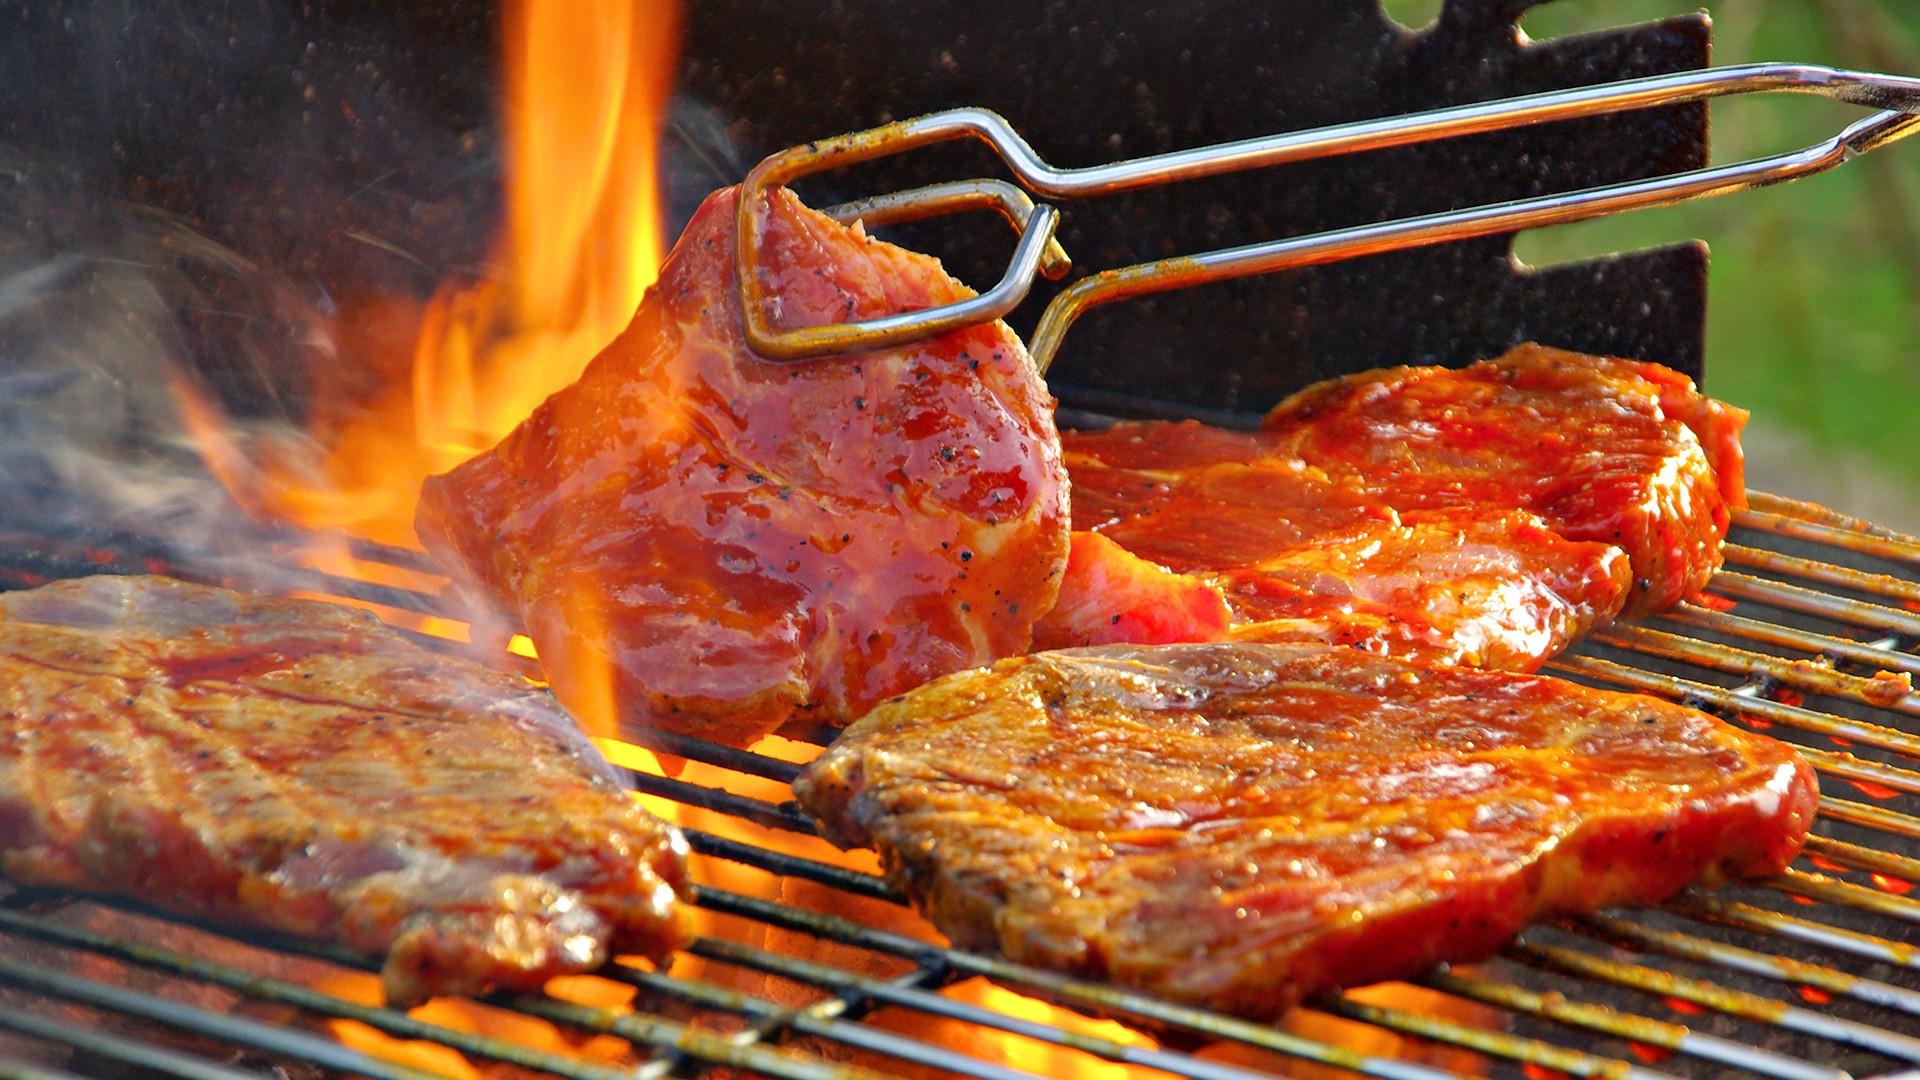 Barbecue Wallpaper